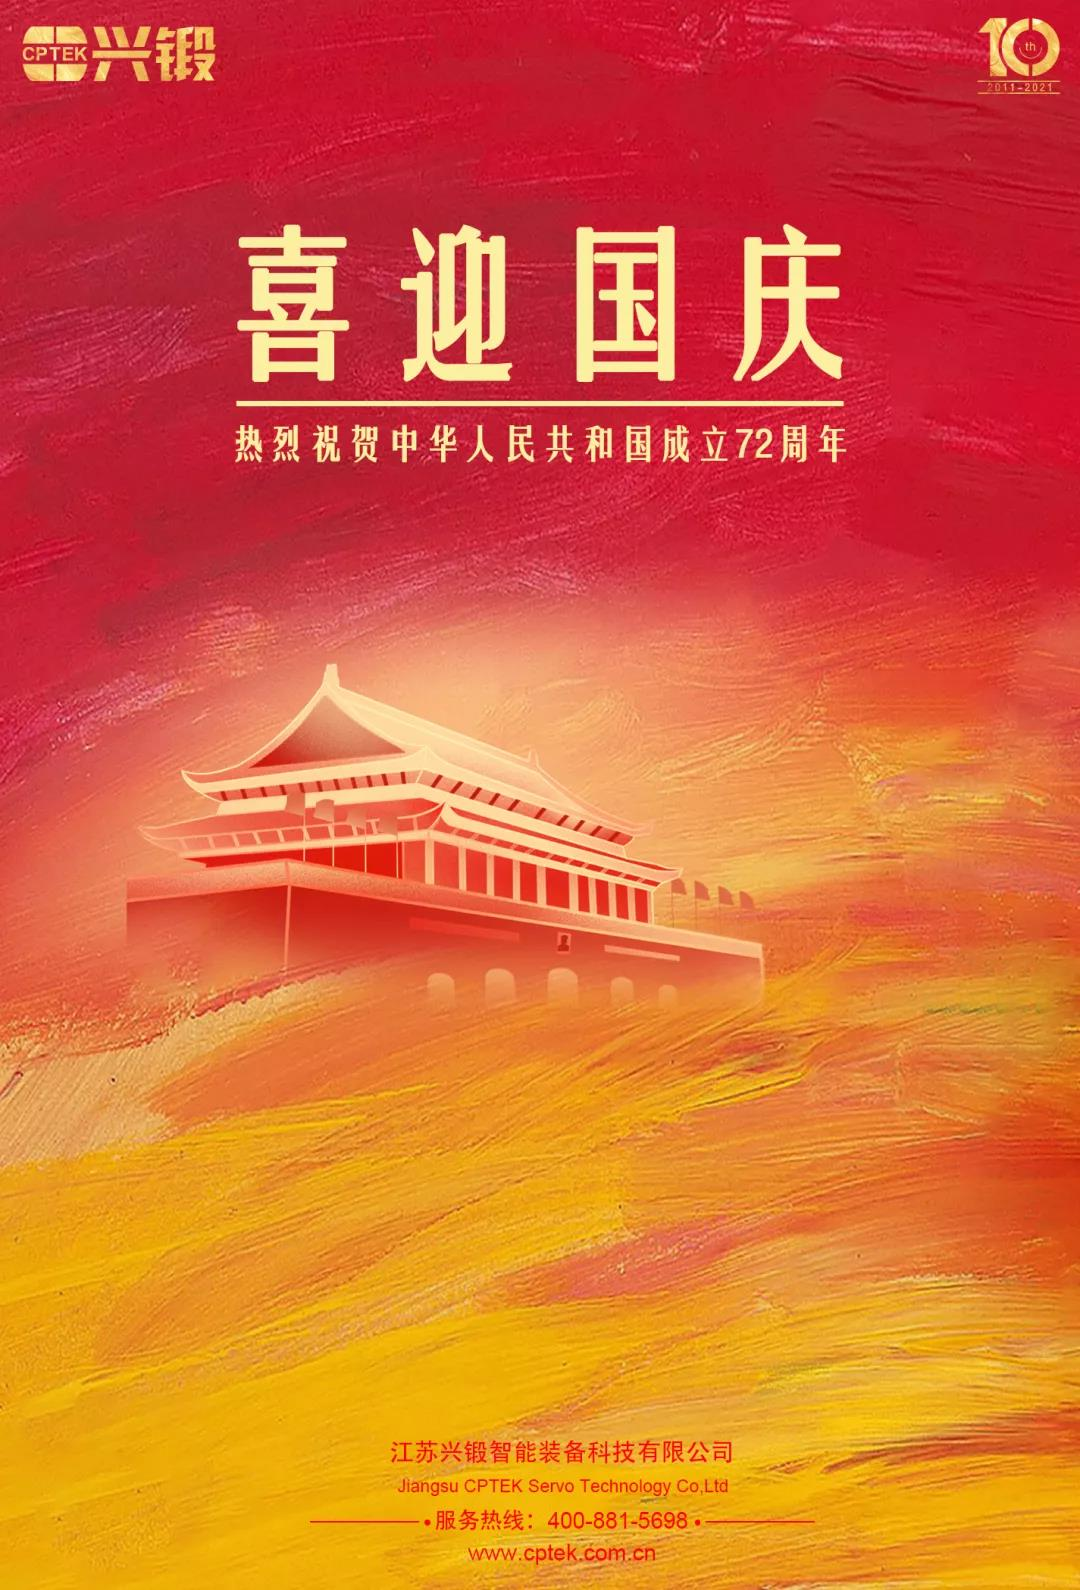 國慶 | 祖國昌盛 民族富強